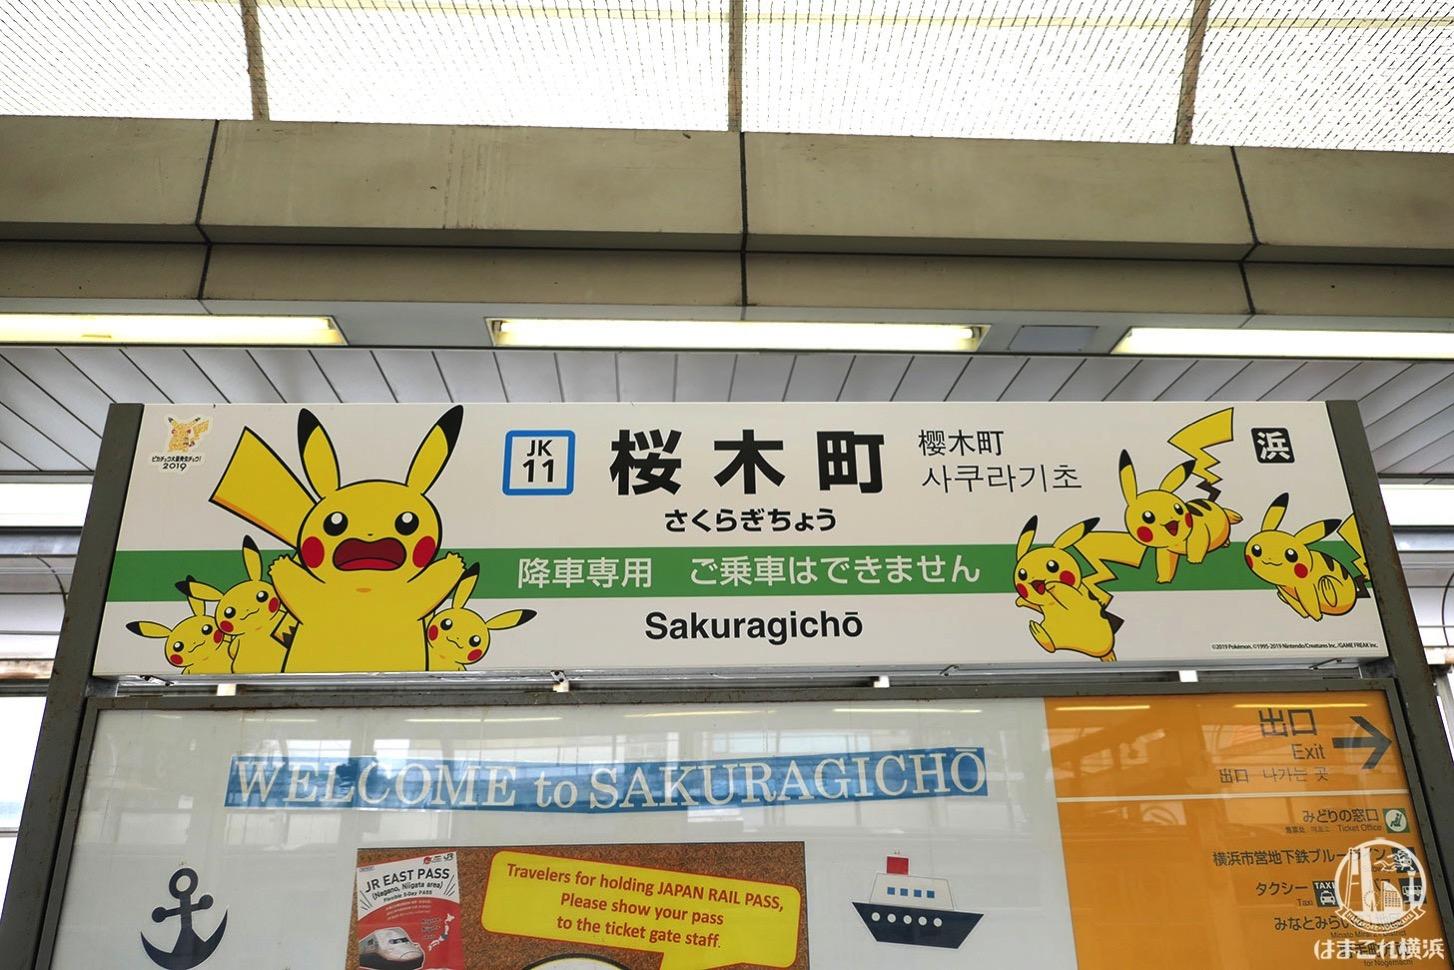 桜木町駅のピカチュウ装飾 下りホーム